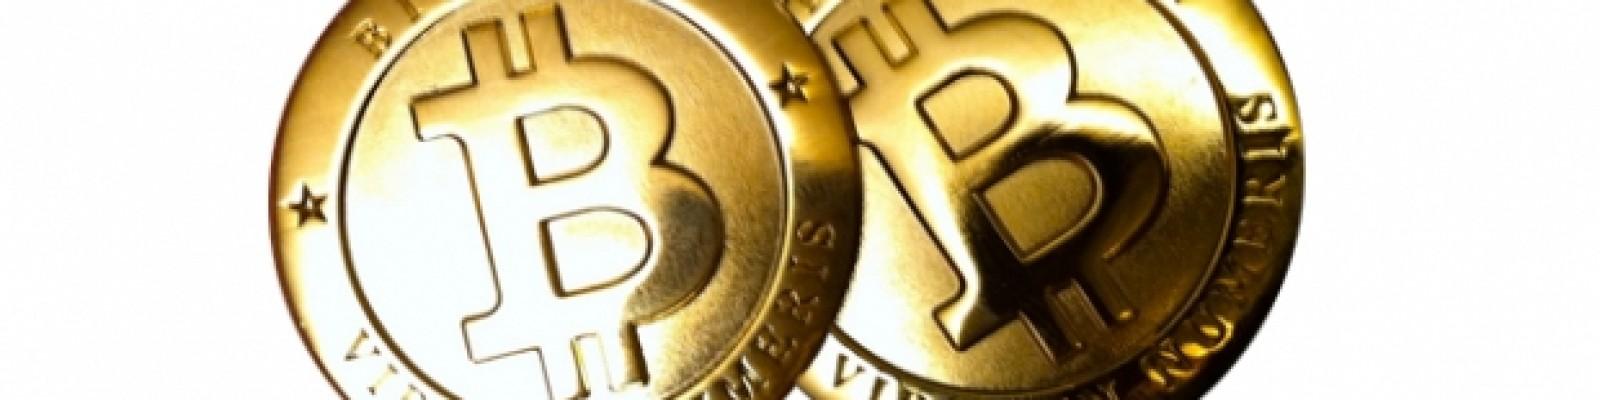 bitcoin: asset class, moneta di internet , privacy ed inclusione finanziaria ?